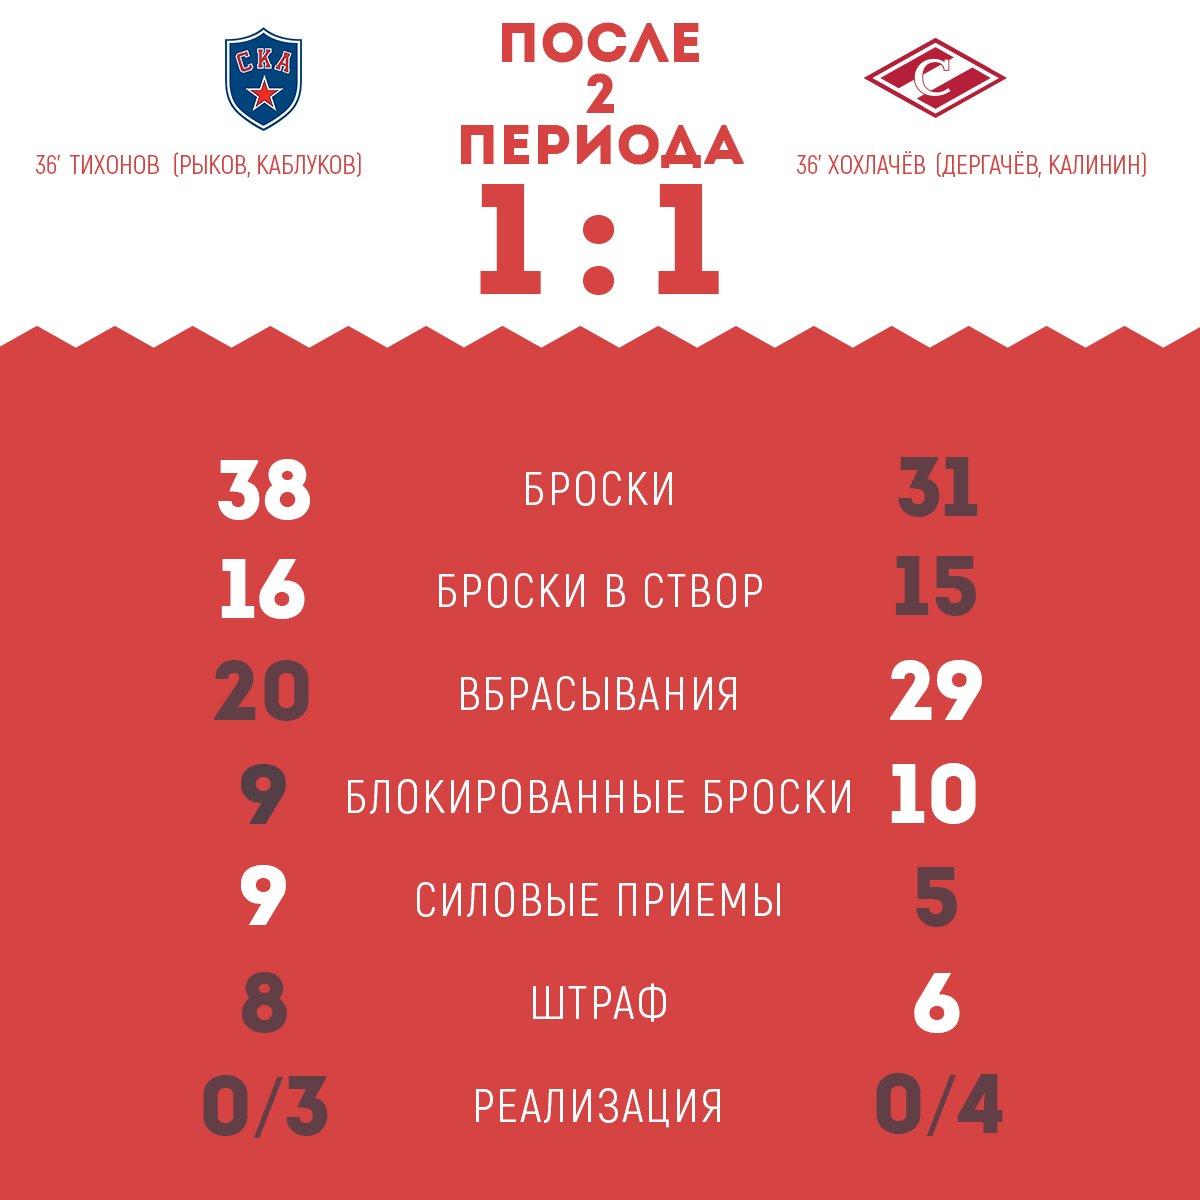 Статистика после 2-го периода матча СКА vs «Спартак»